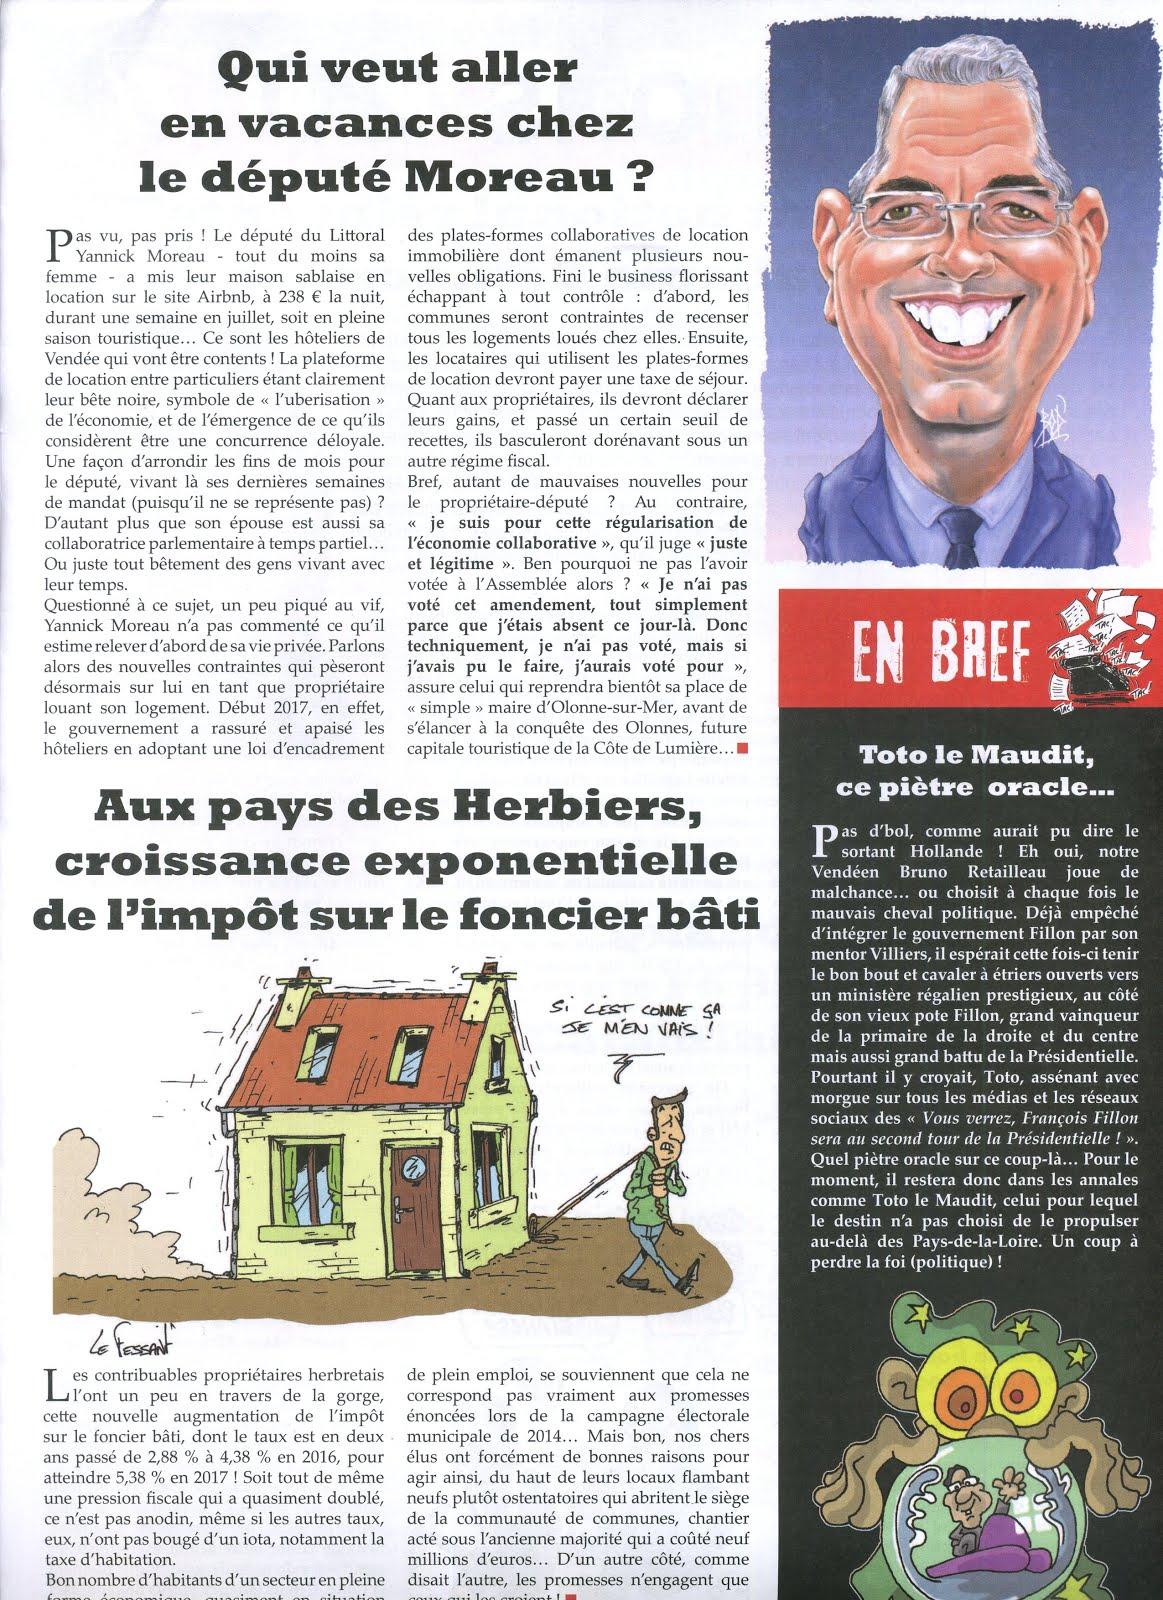 LE SANS-CULOTTE 85